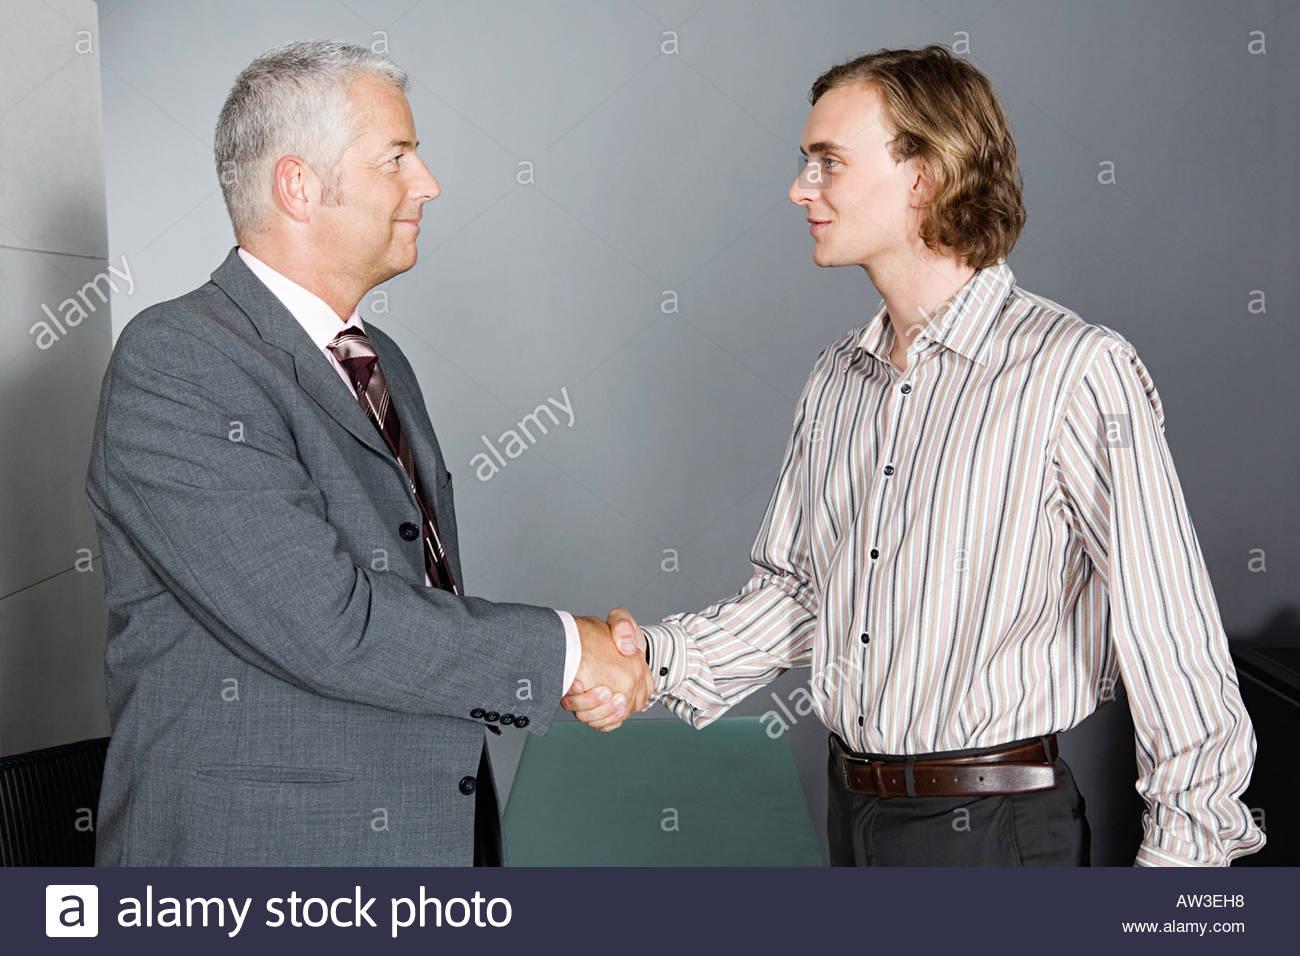 Mature businessman et homme plus jeune se serrent la main Photo Stock